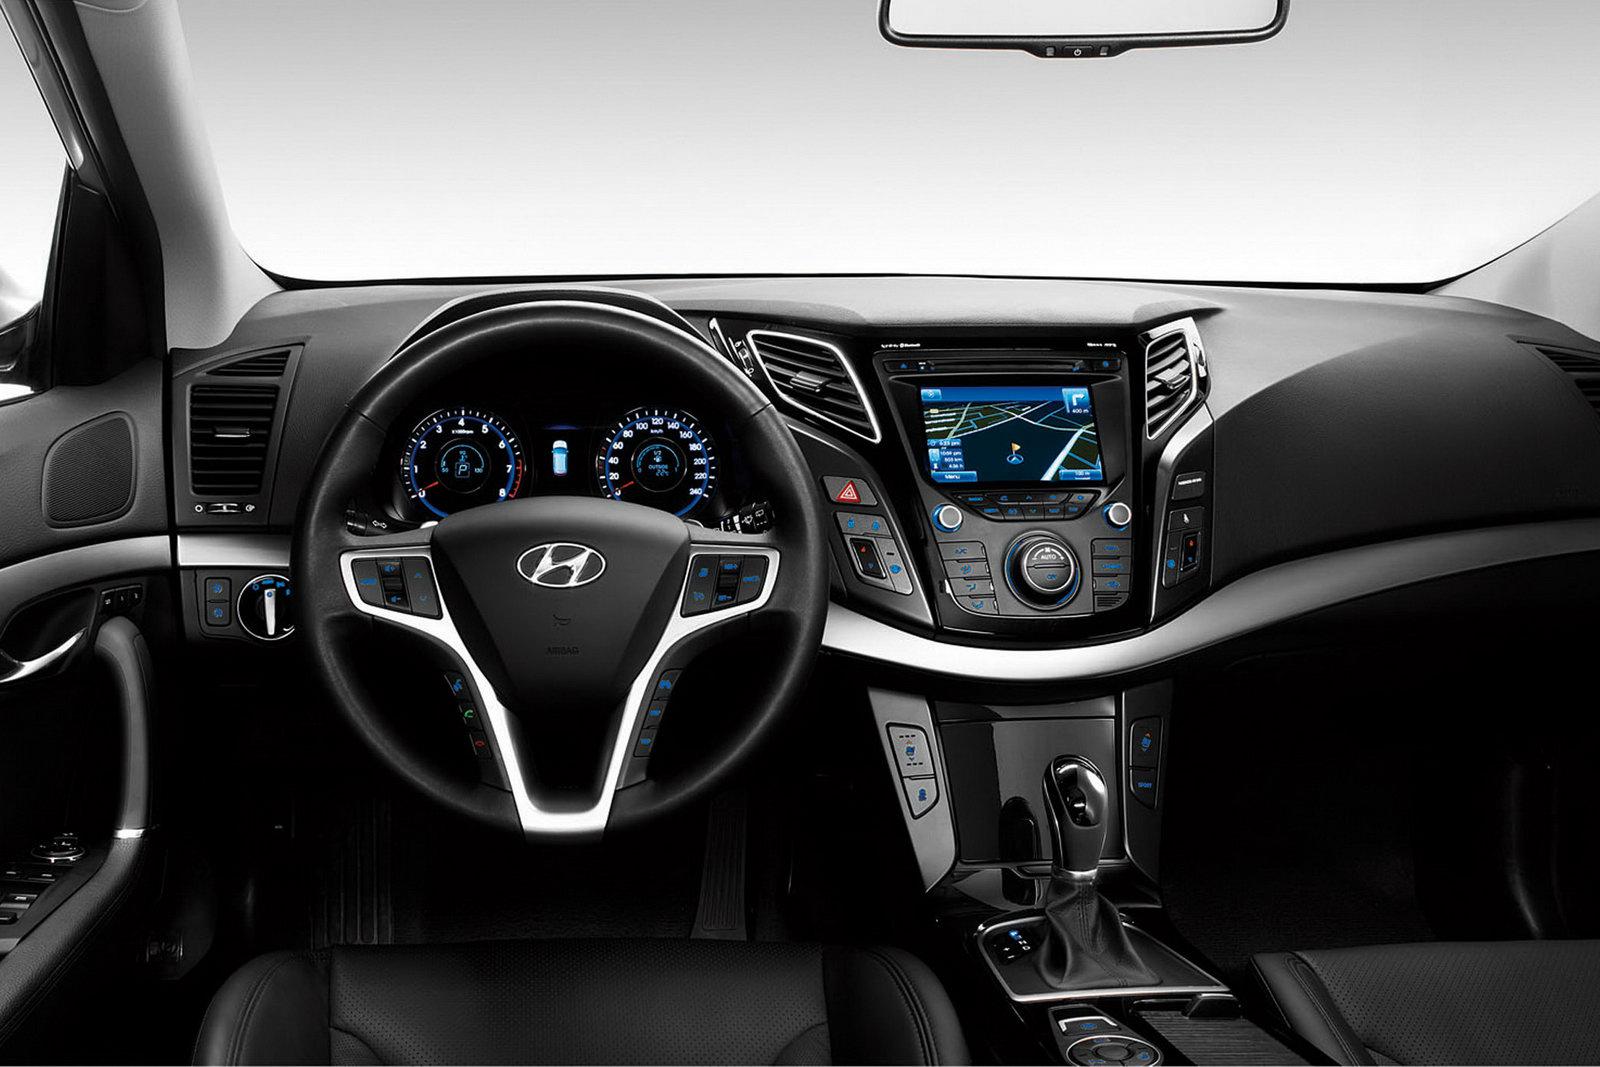 http://2.bp.blogspot.com/-i_3xgt9WqZc/TcWddGqI4HI/AAAAAAAAFGk/NwctWnV75jA/s1600/Hyundai-i40-Cw-15.jpg